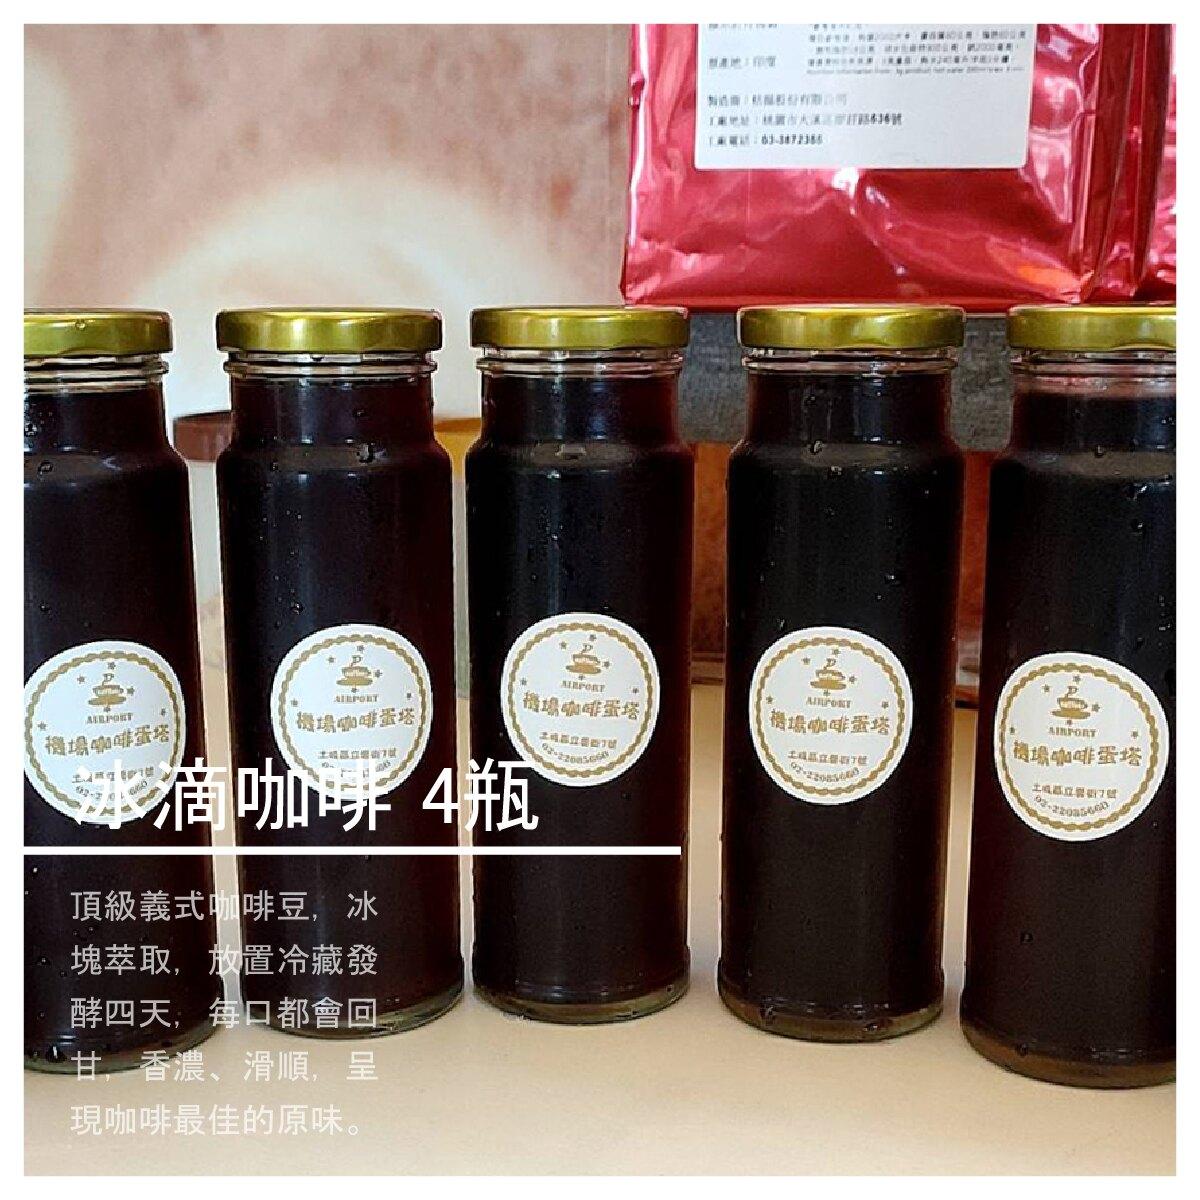 【機場咖啡蛋塔】冰滴咖啡 4瓶